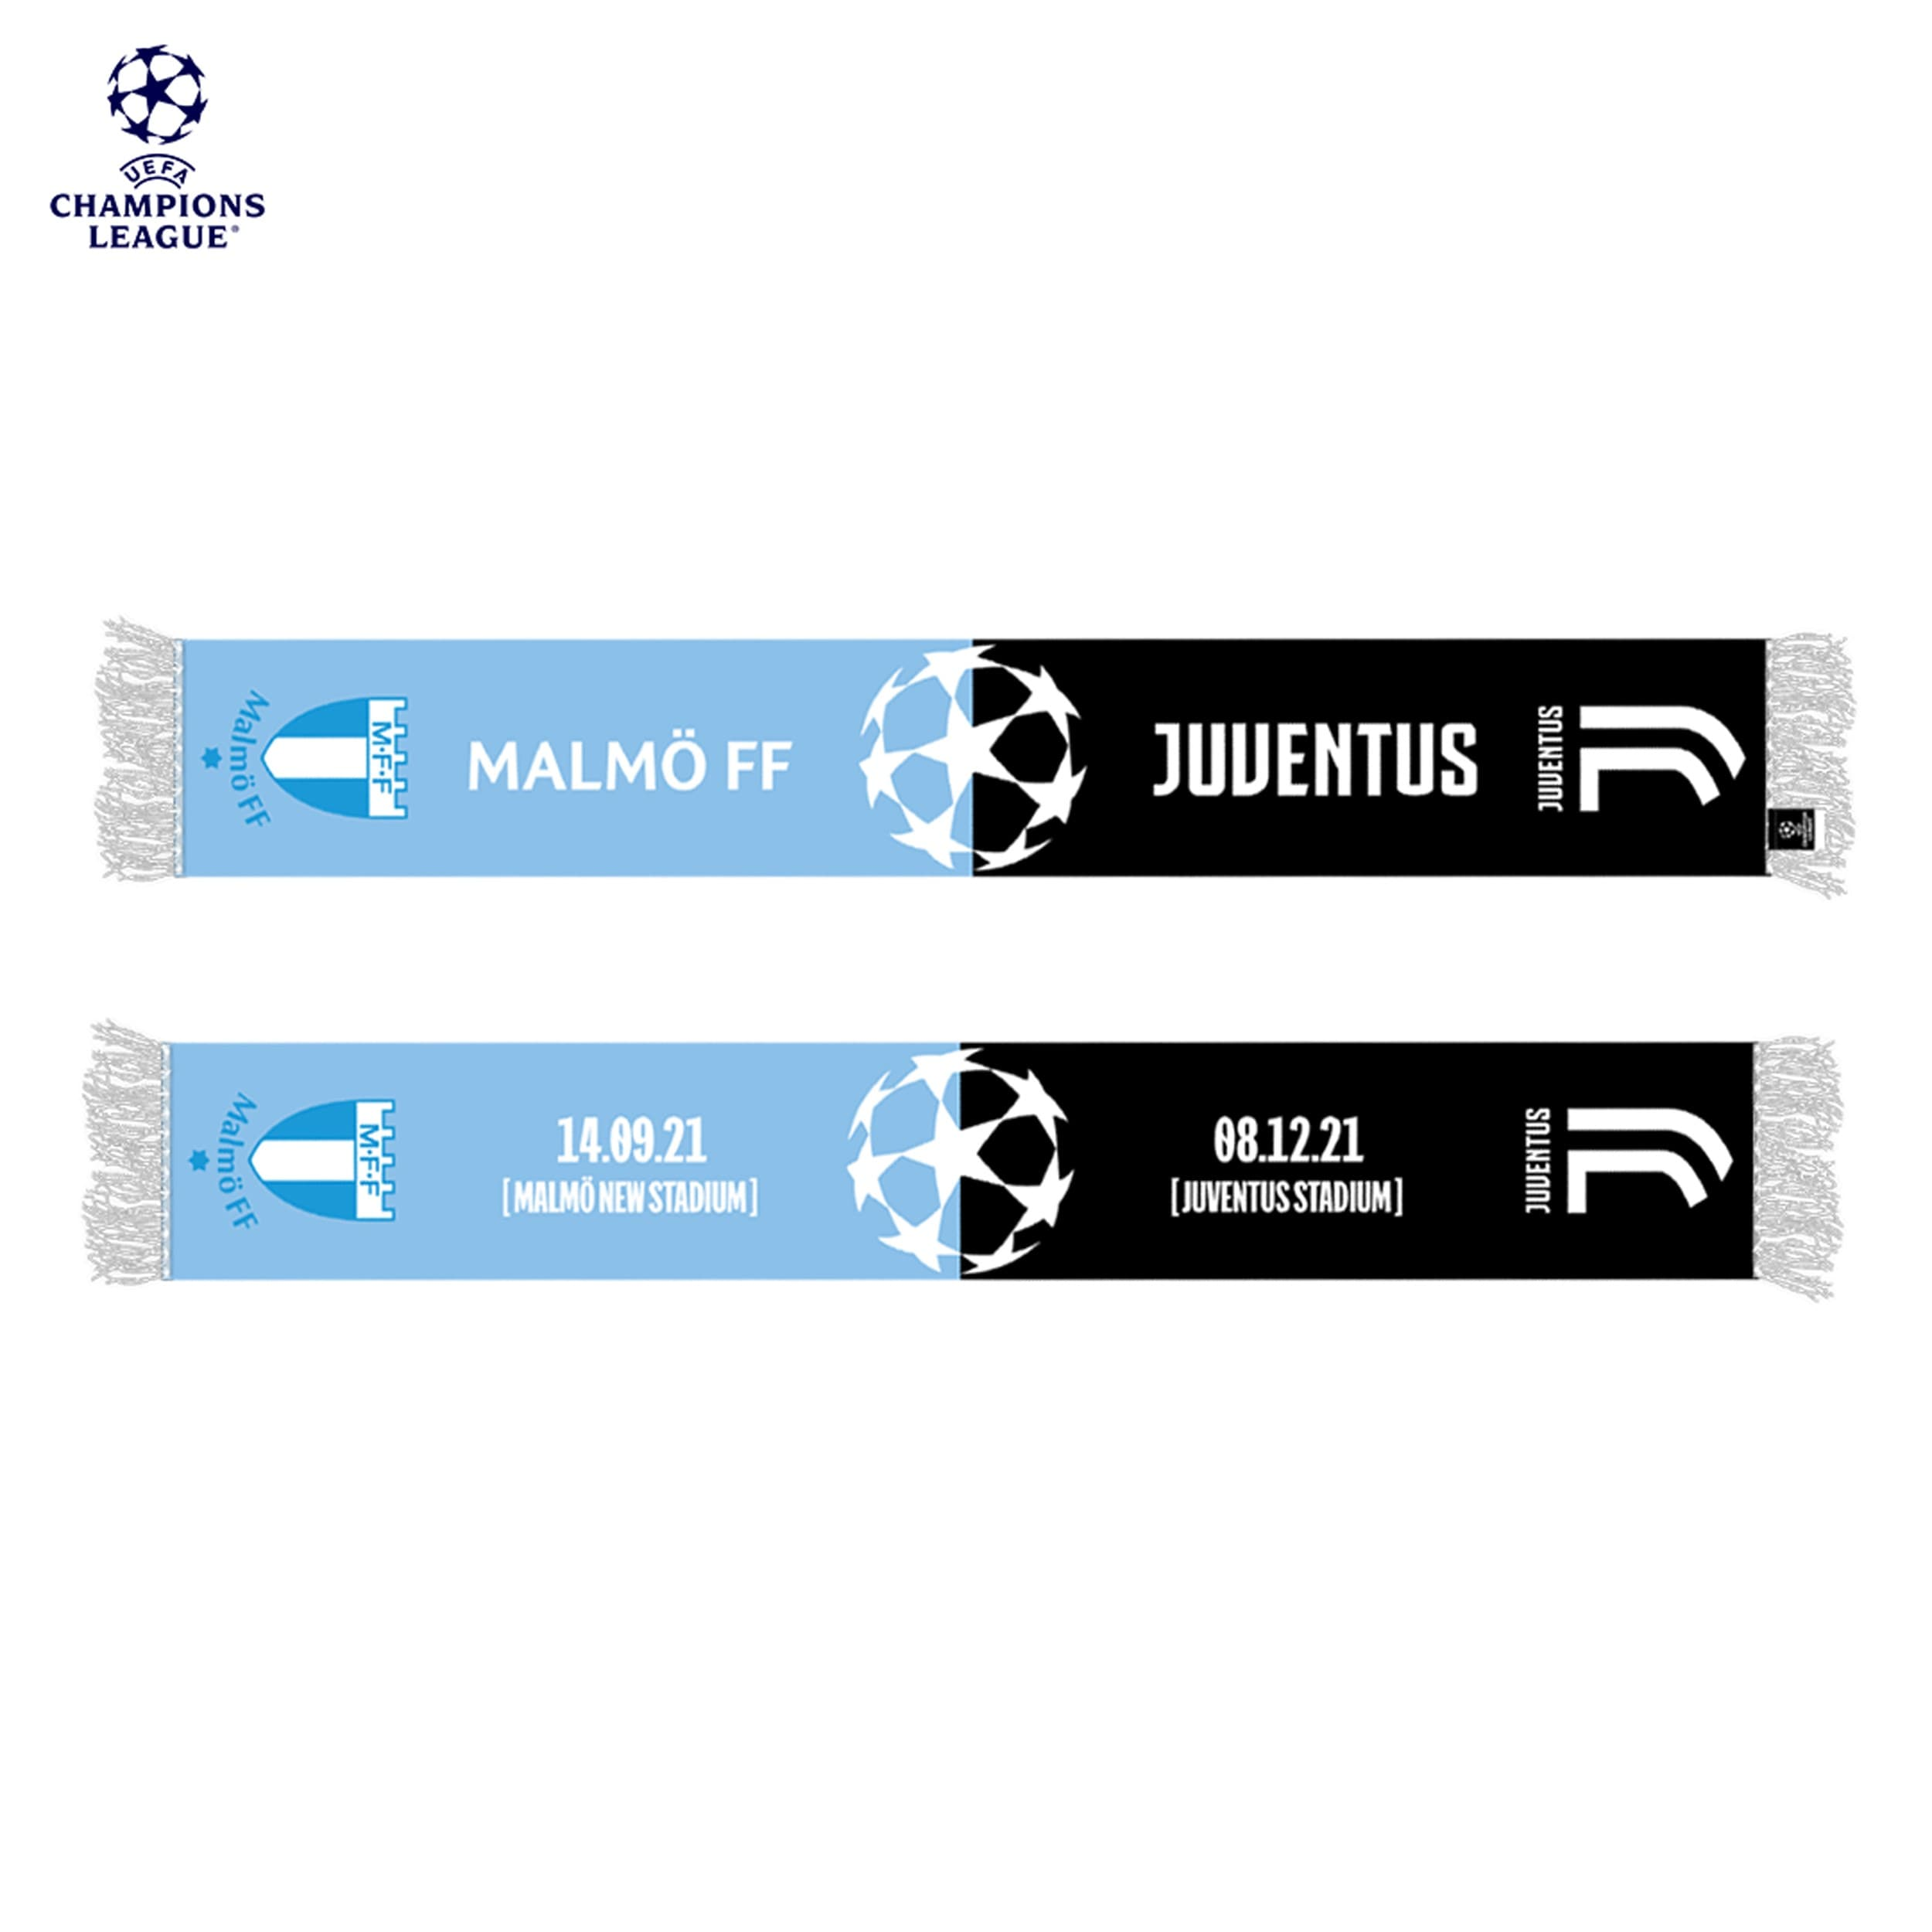 CL halsduk MFF-Juventus